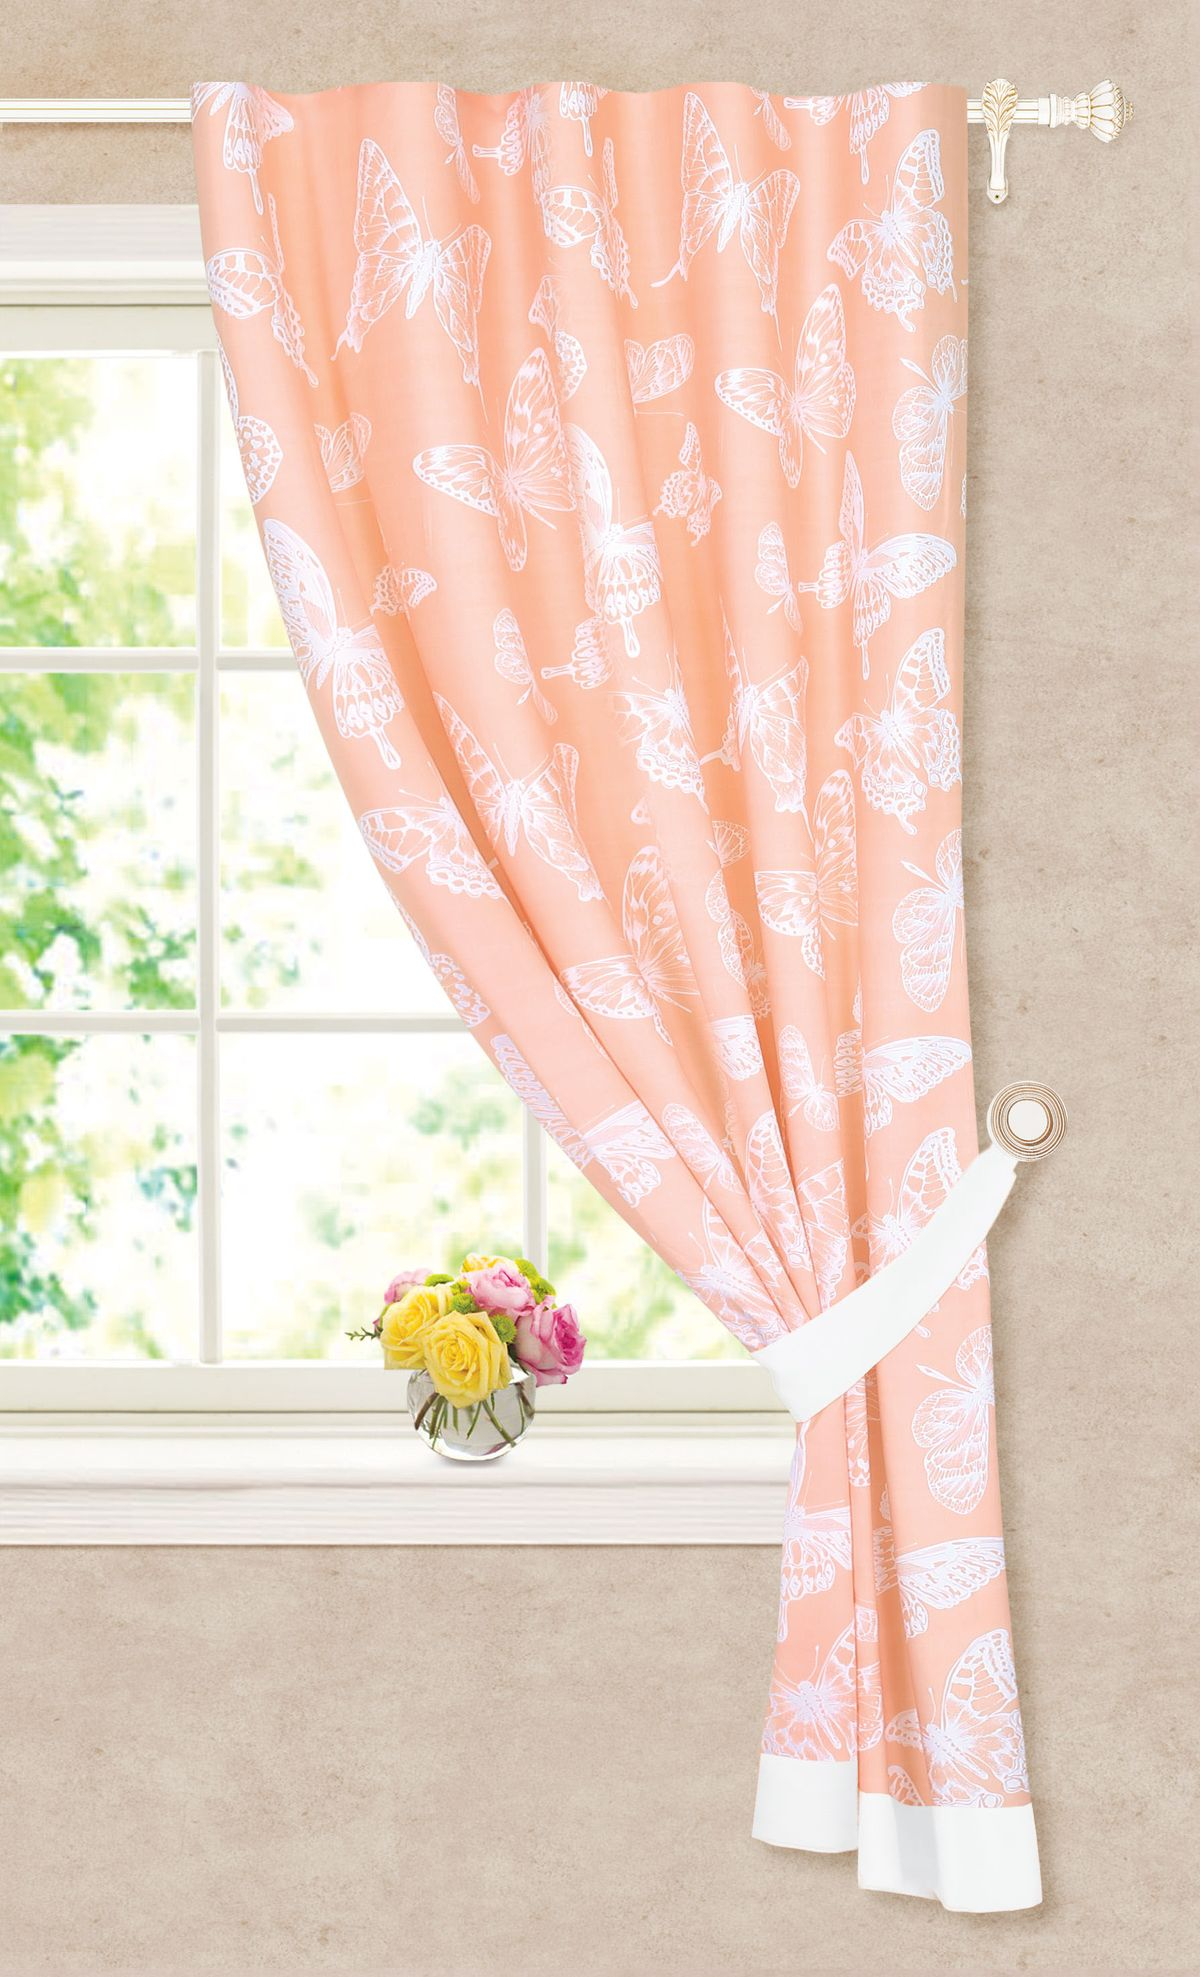 Штора готовая Garden, на ленте, c подхватом, цвет: розовый, 140х180 см. С 7302 - W2071 - W2071 V7С 7302 - W2071 - W2071 V7Изящная штора для кухни Garden выполнена из плотной ткани. Приятная текстура и цвет привлекут к себе внимание и органично впишутся в интерьер кухни. Штора крепится на карниз при помощи ленты, которая поможет красиво и равномерно задрапировать верх.